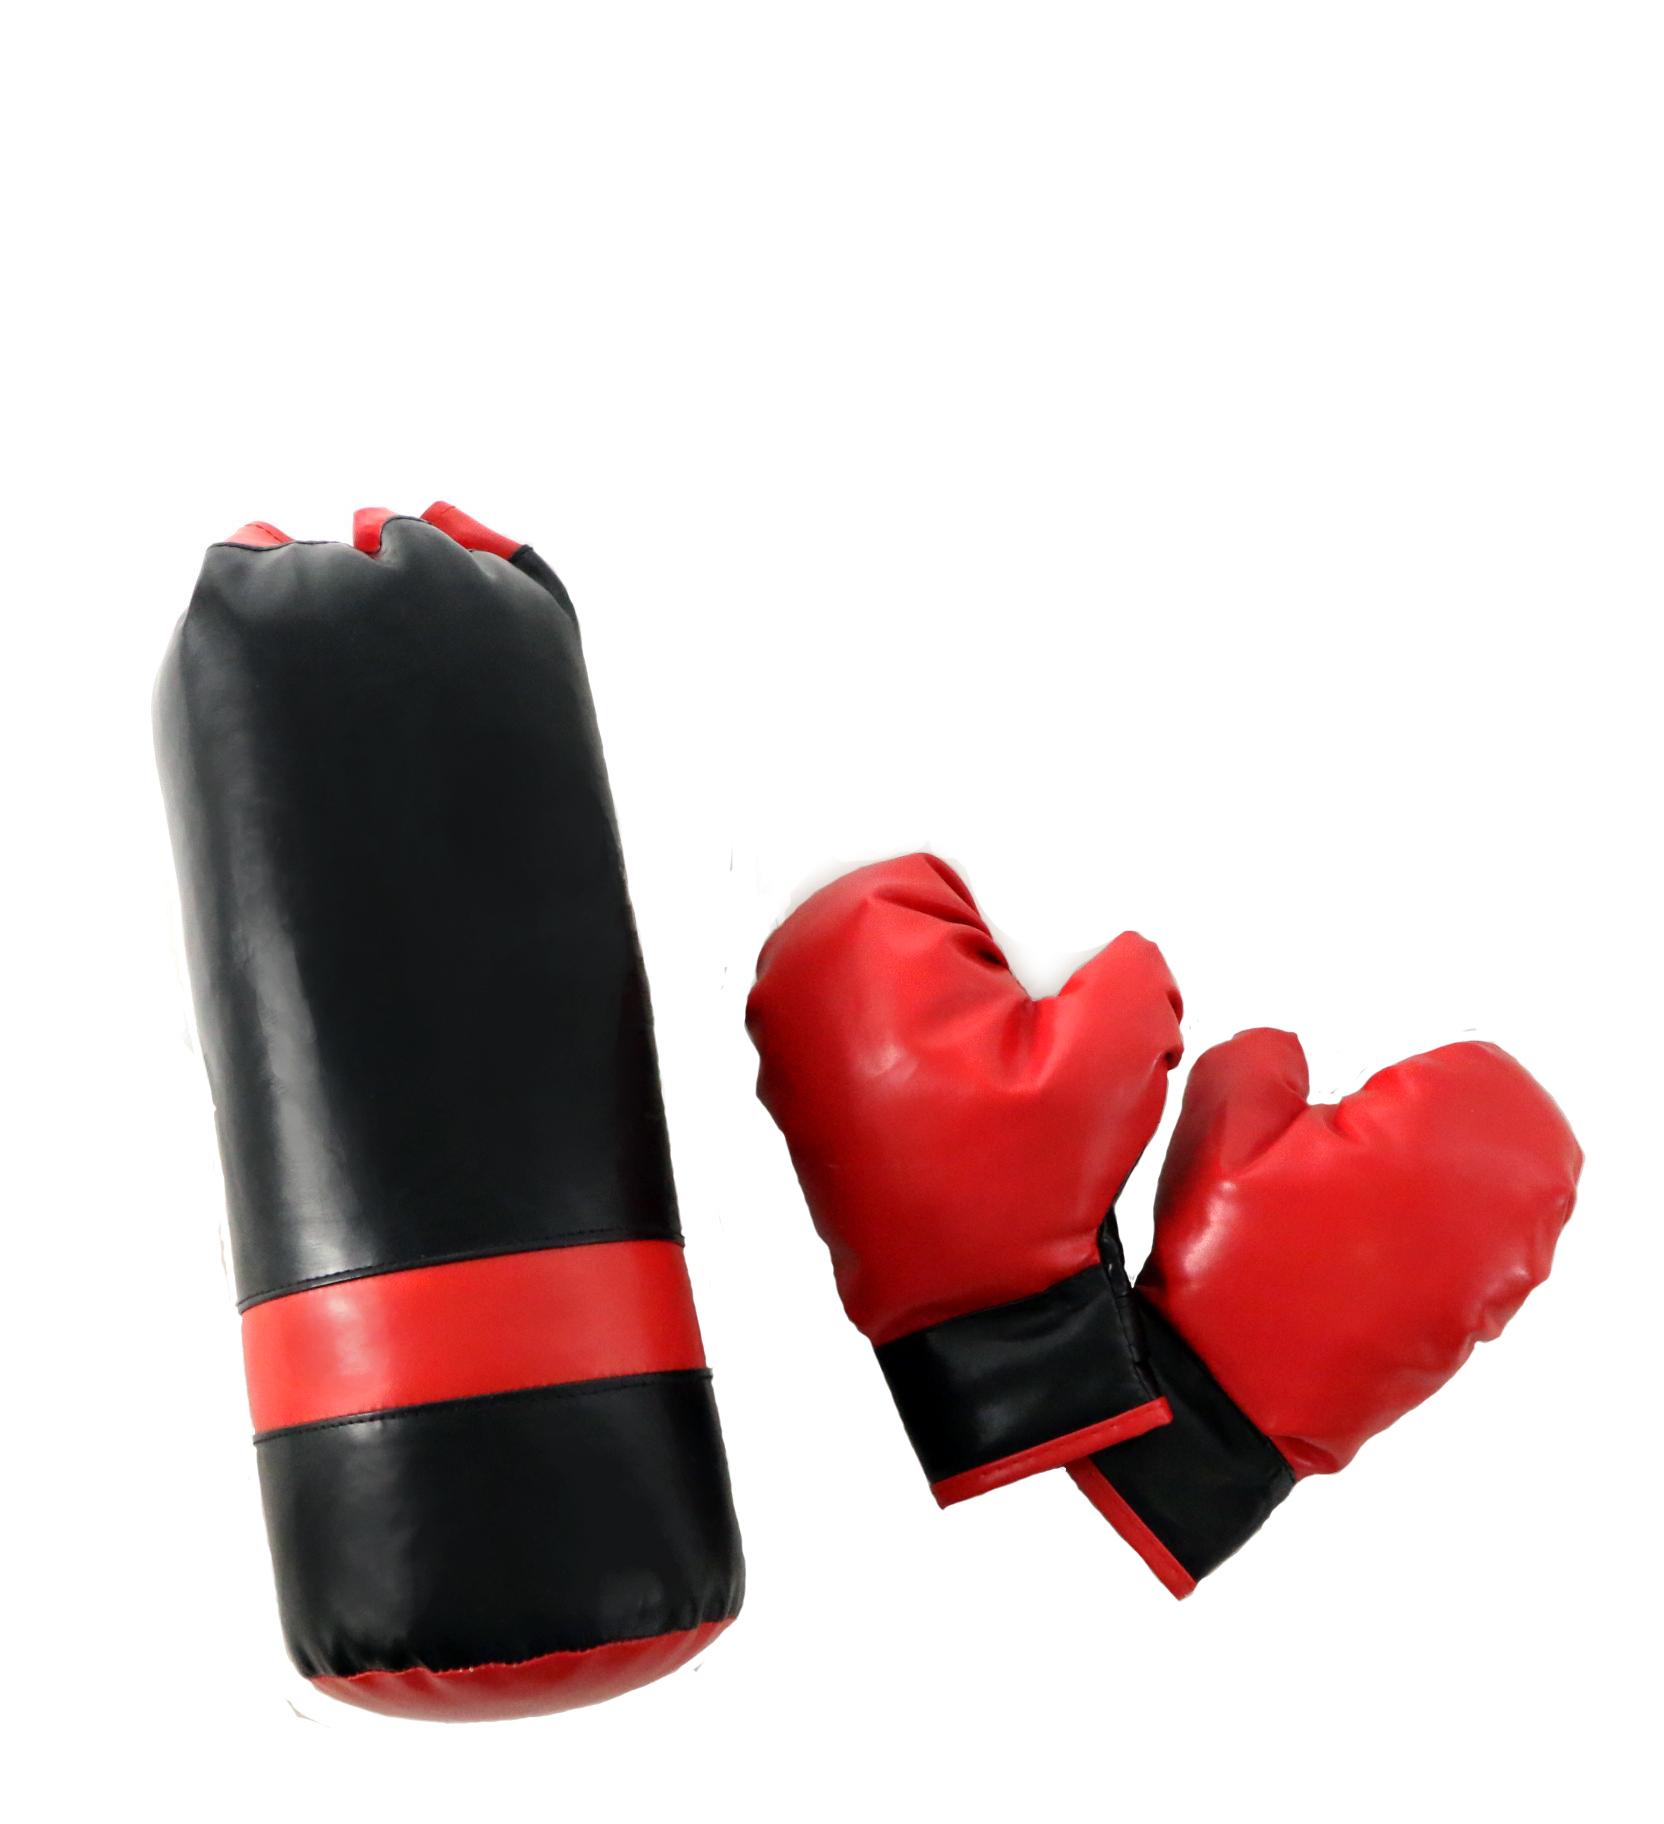 цена на Боксерский мешок Midzumi M006571, красный, черный